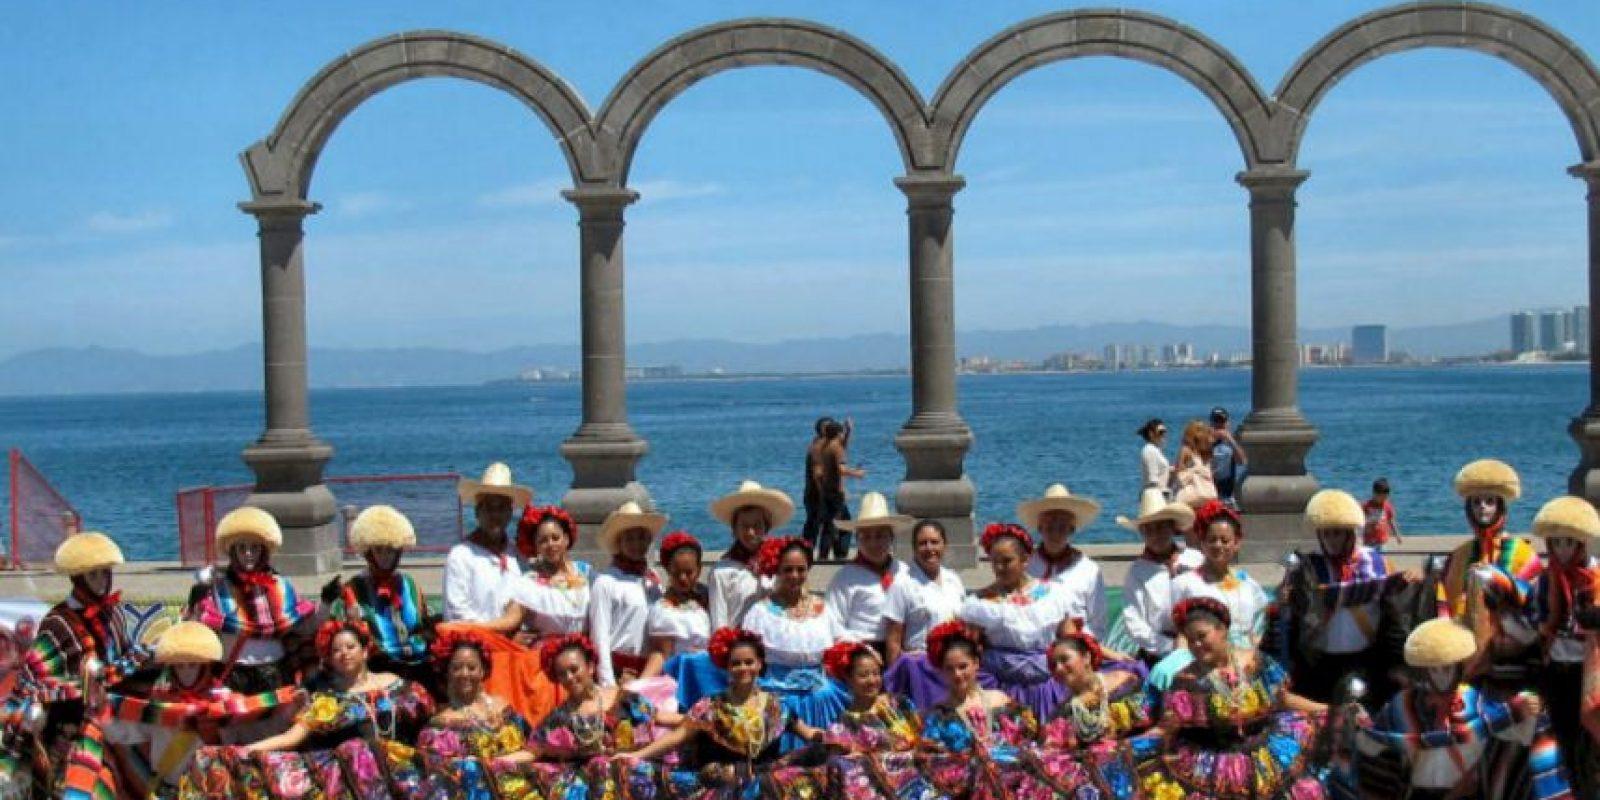 27. Puerto Vallarta, México ganó su posición gracias a 85.248 puntos. Foto:Vía flickr.com